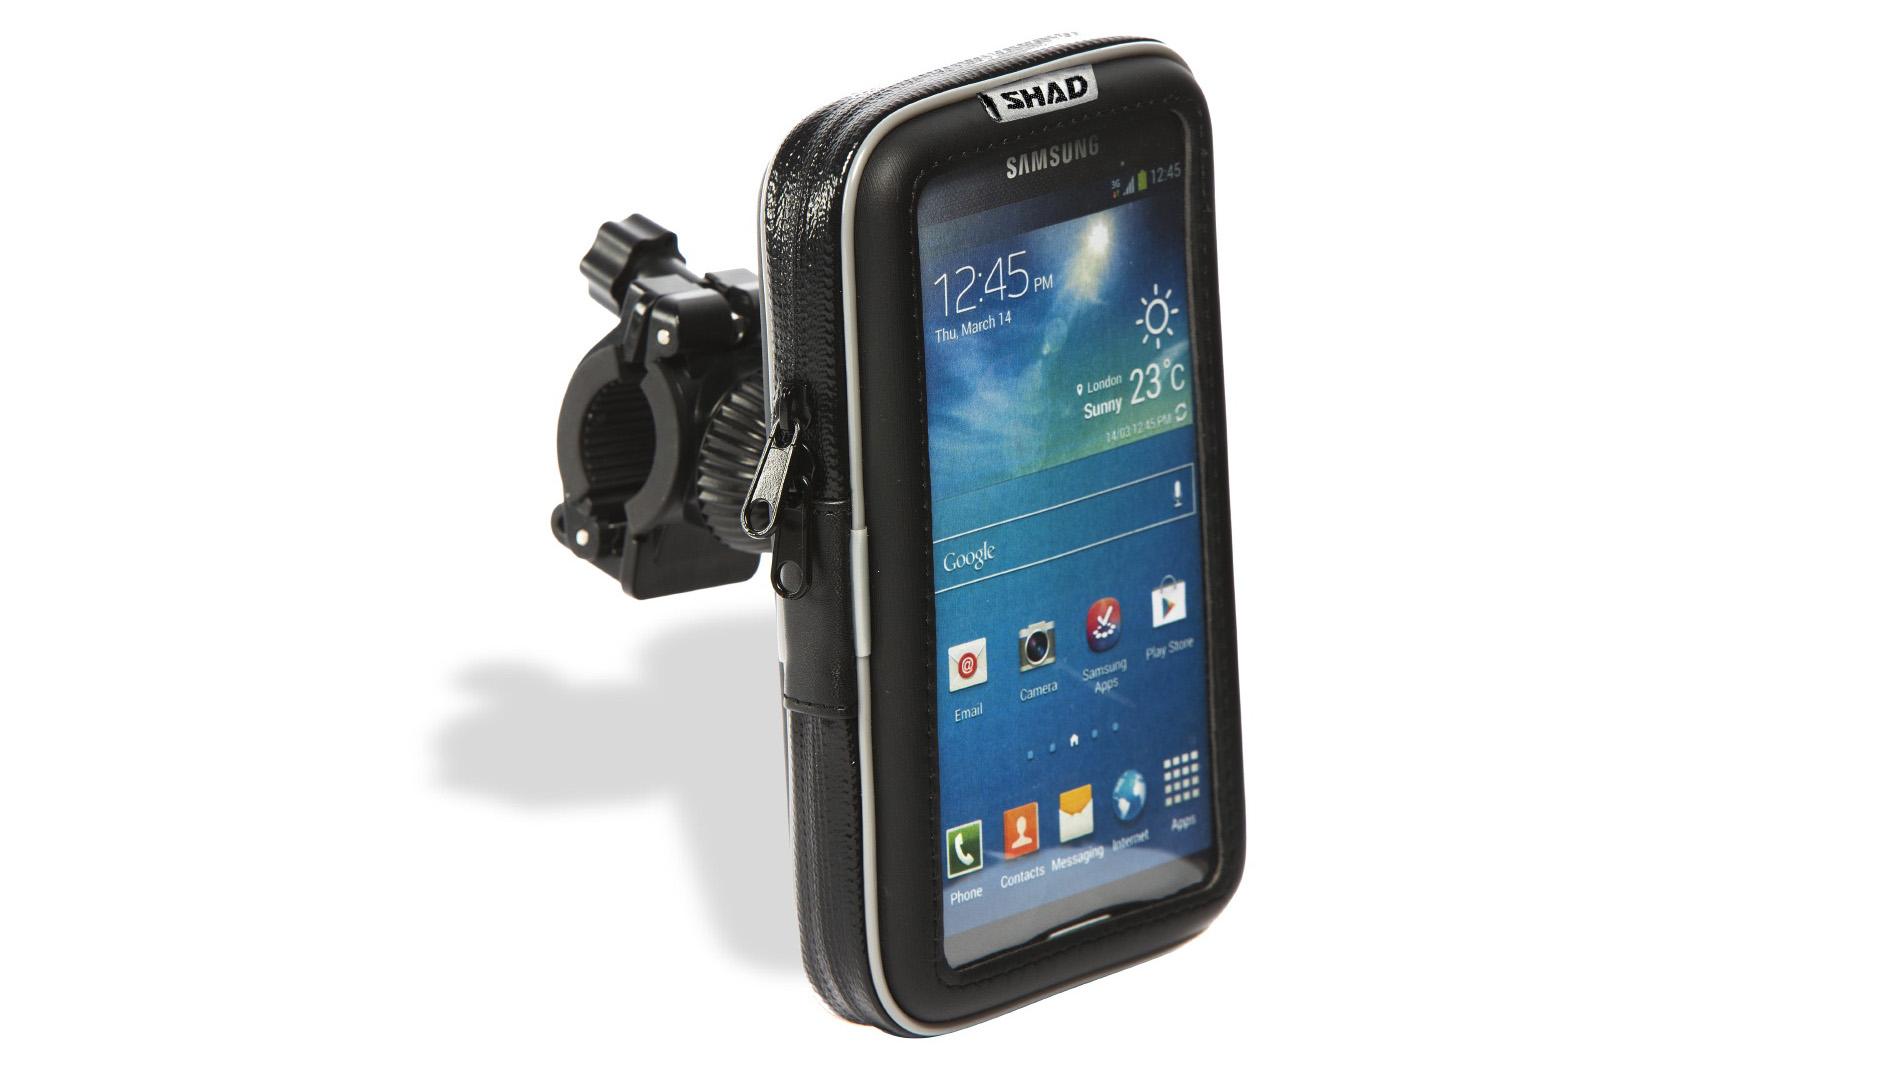 Shad lanza un nuevo soporte para smartphone